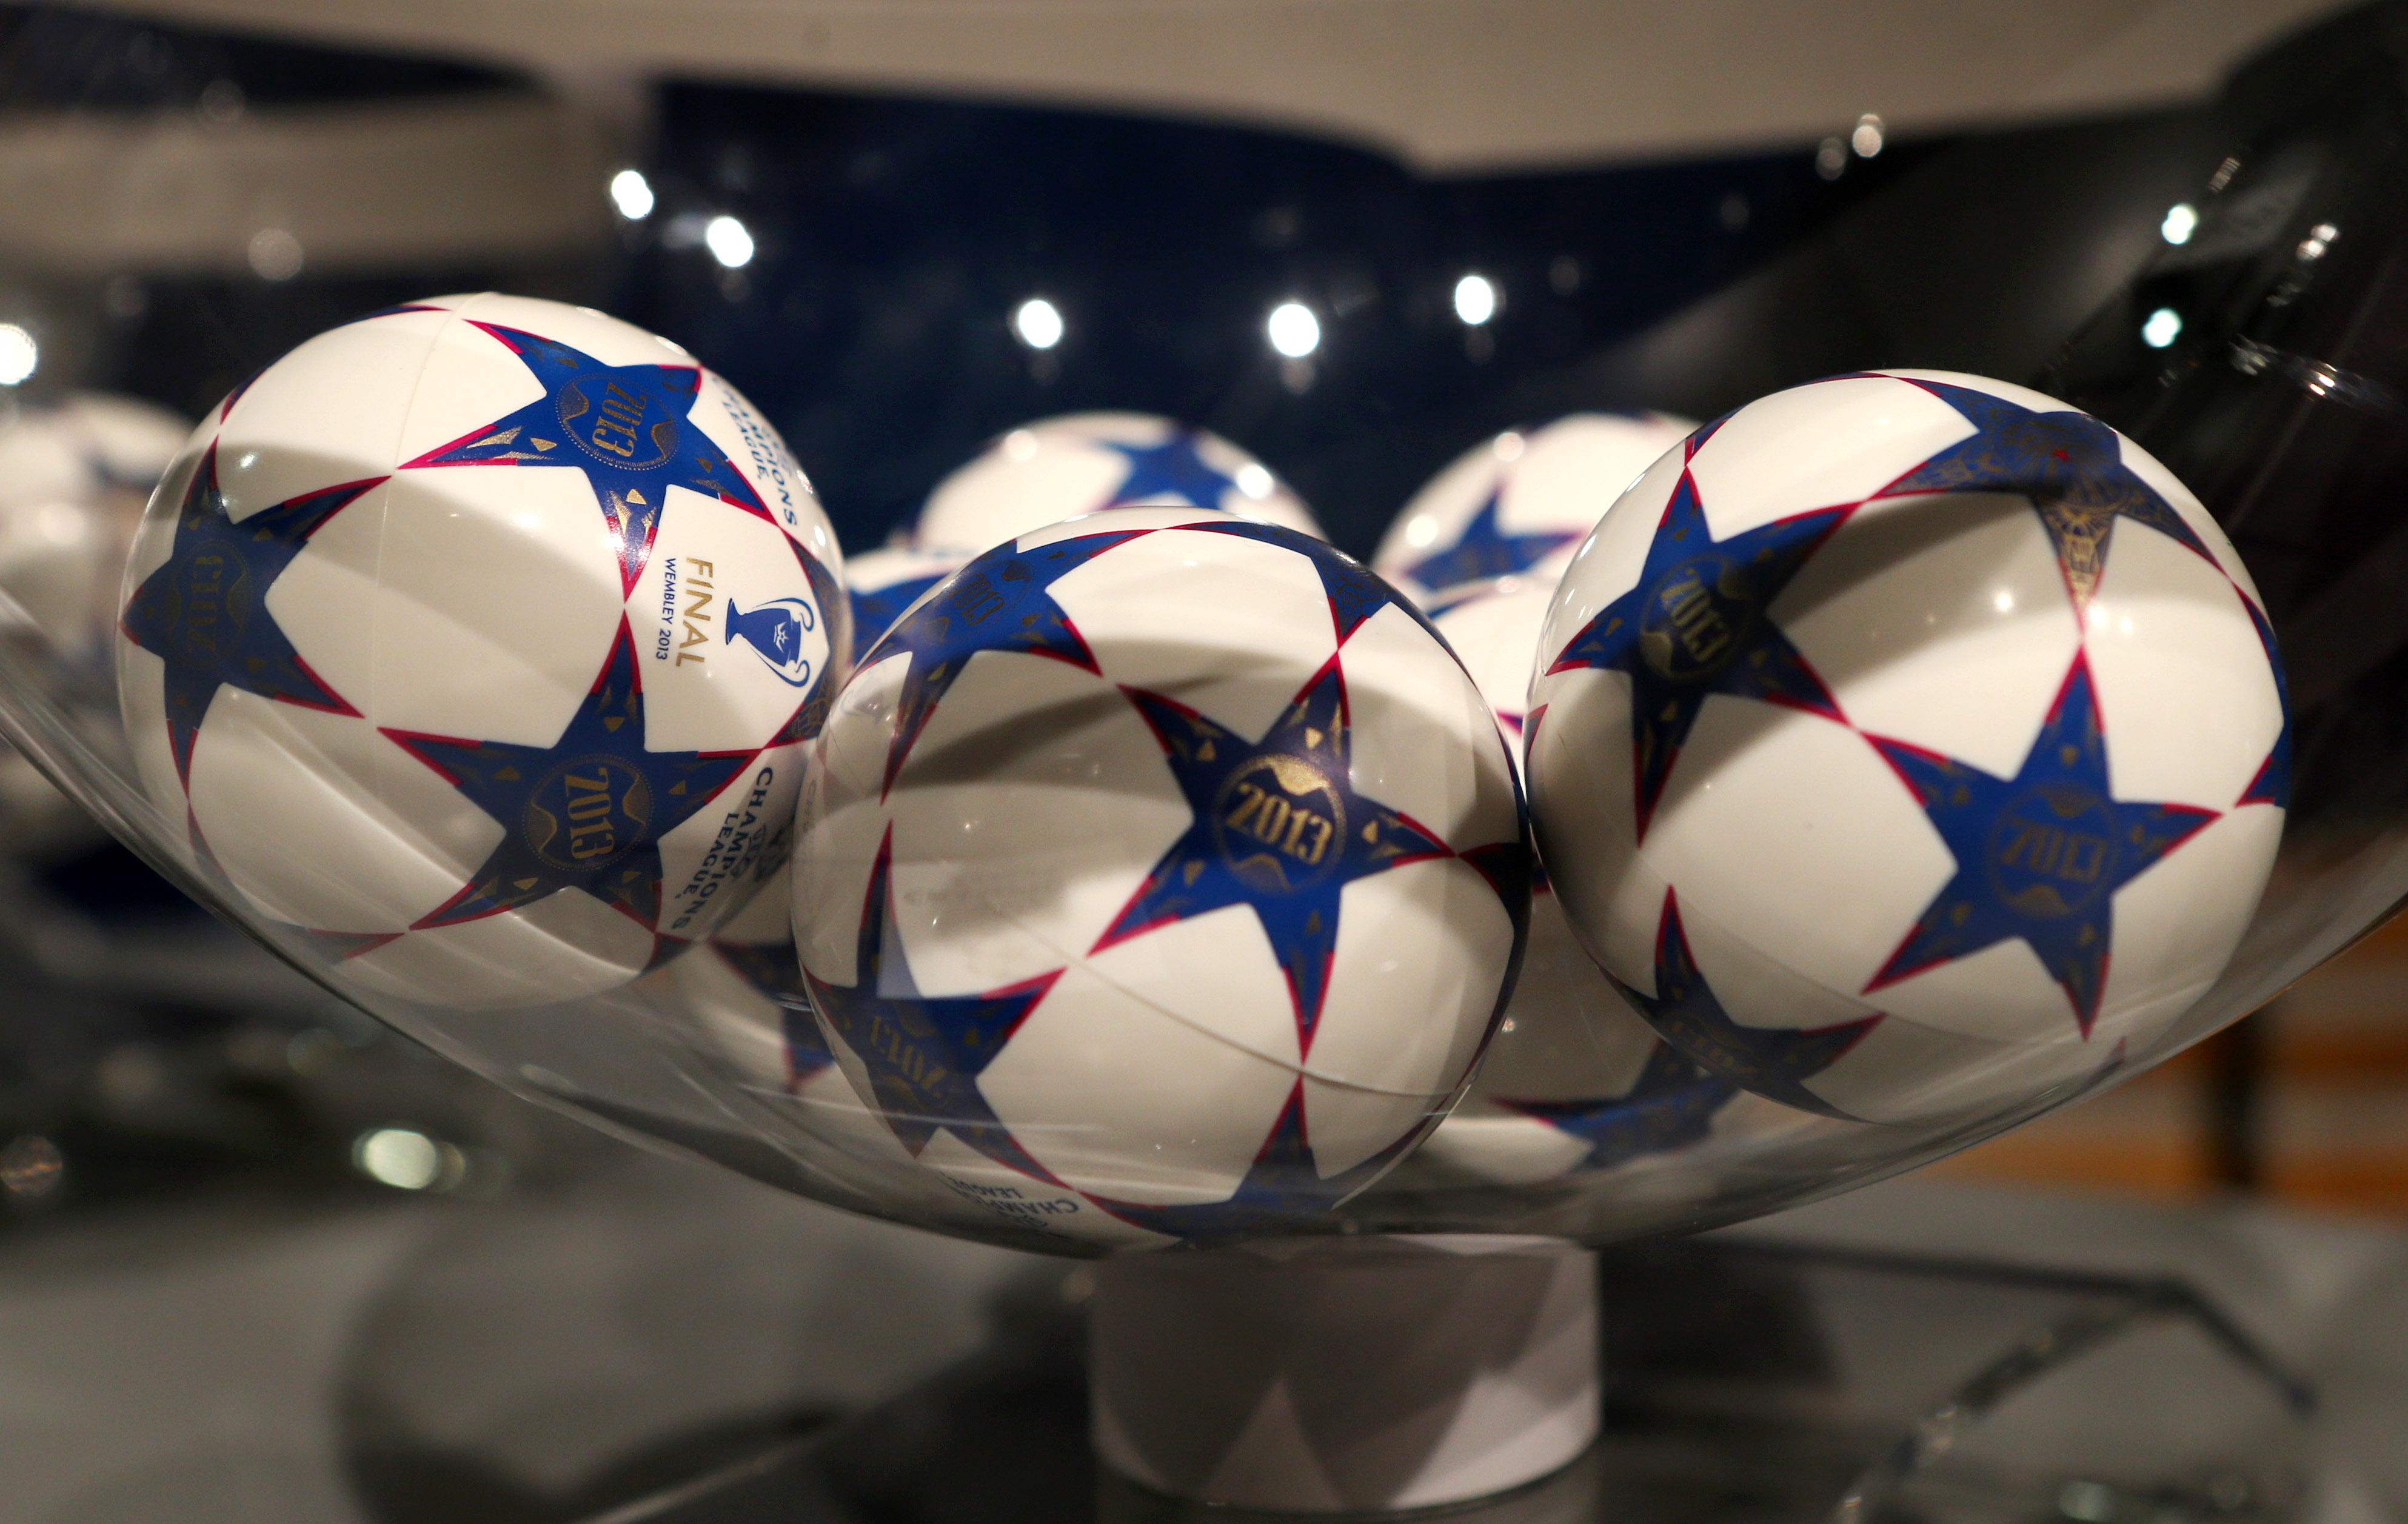 Tirage Au Sort Ligue Des Champions Twitter: Revivez Le Tirage Au Sort